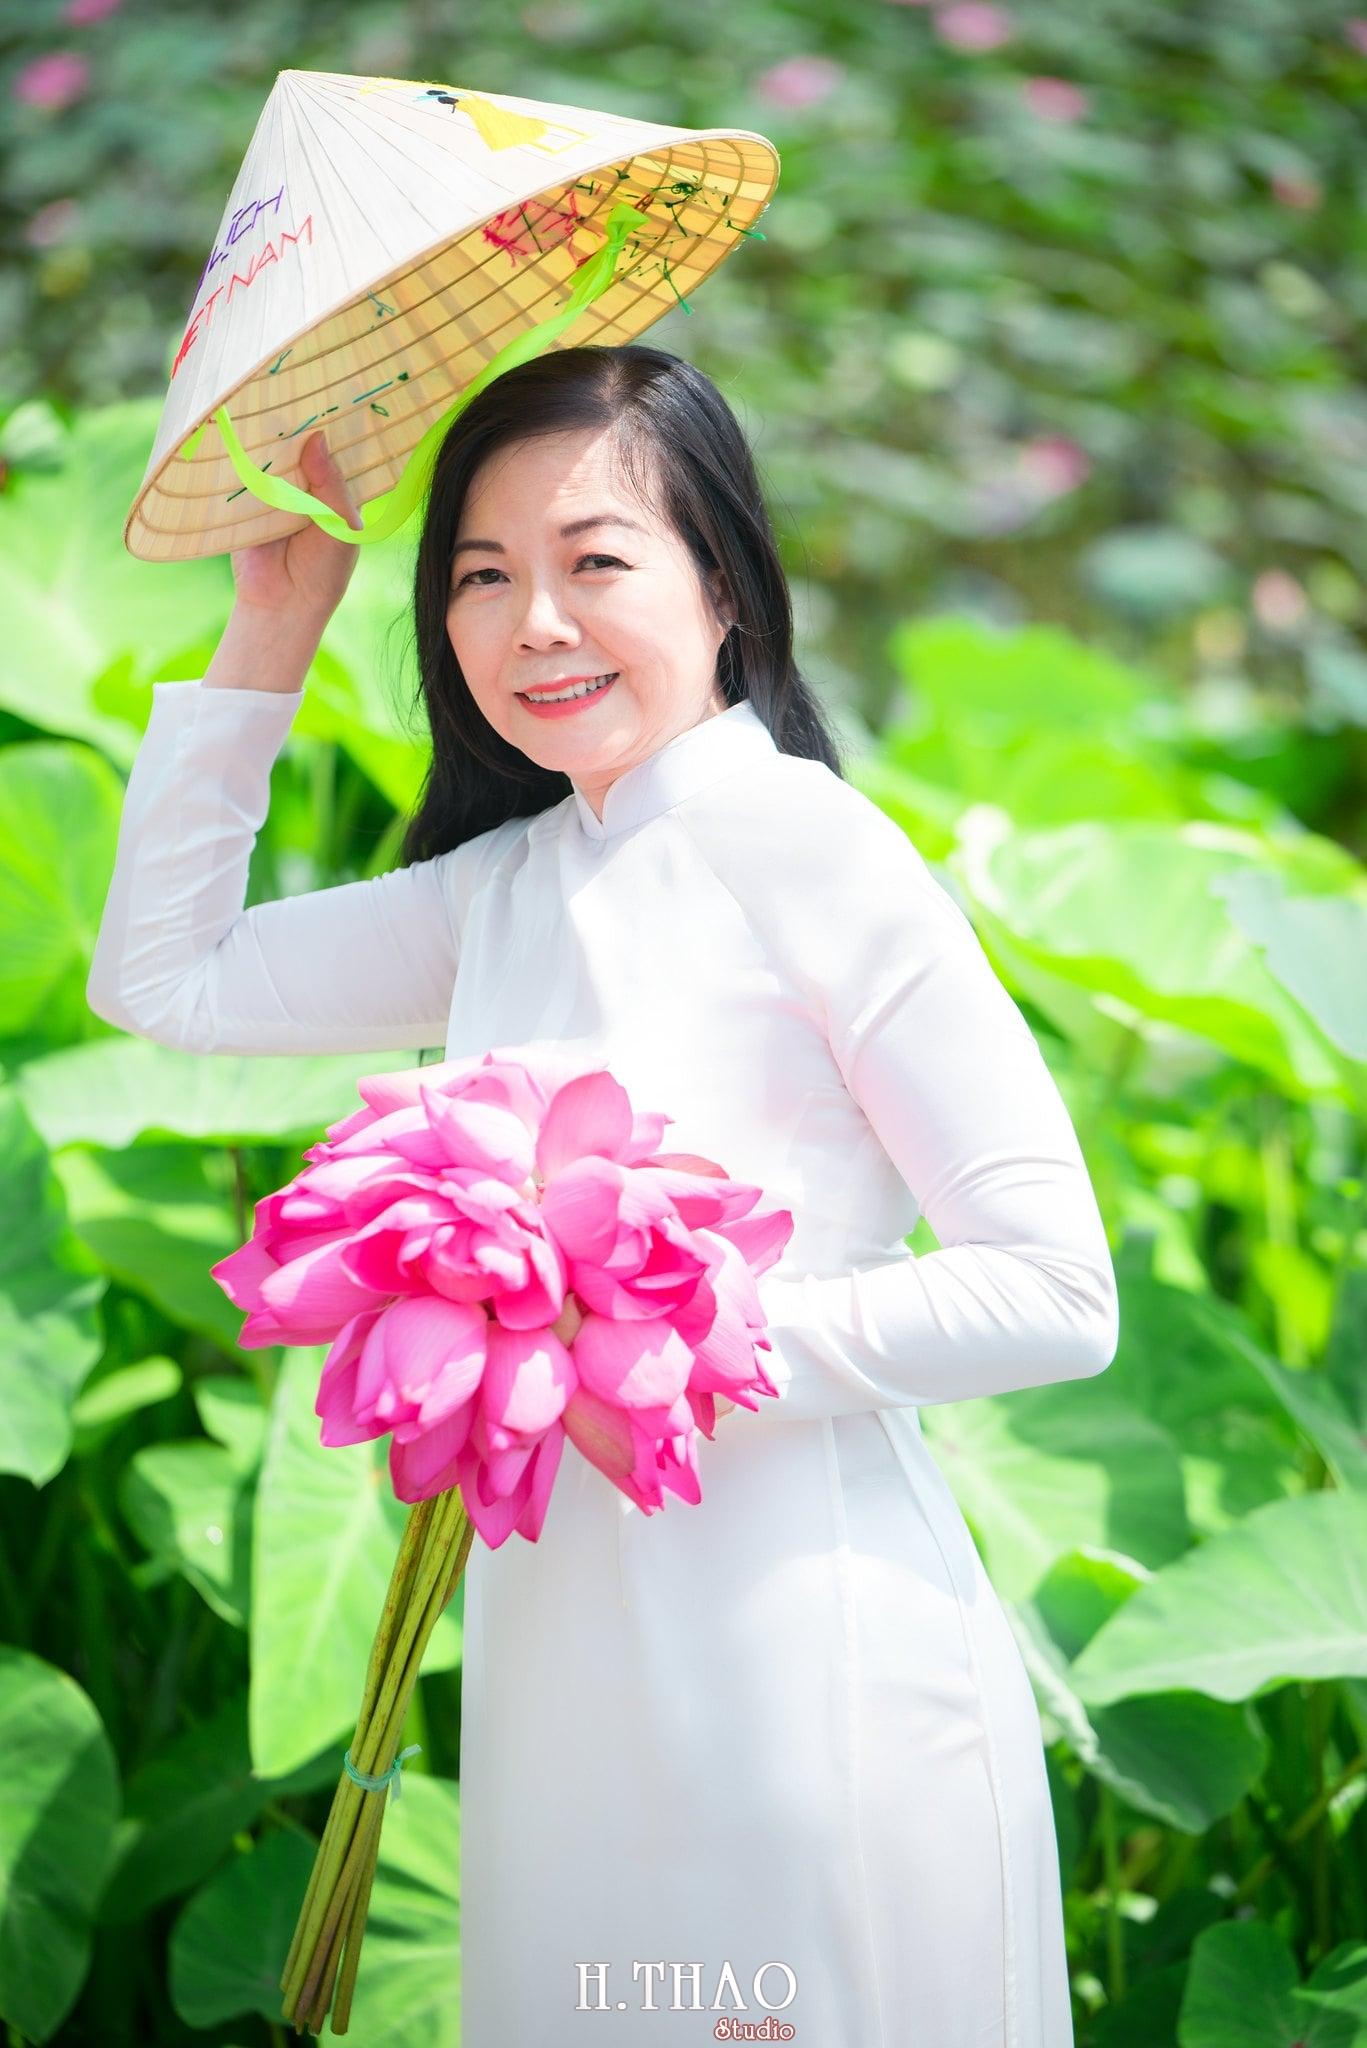 nh áo dài hoa sen 18 - Góc ảnh áo dài tuổi 50 cô Phương chụp với hoa sen- HThao Studio